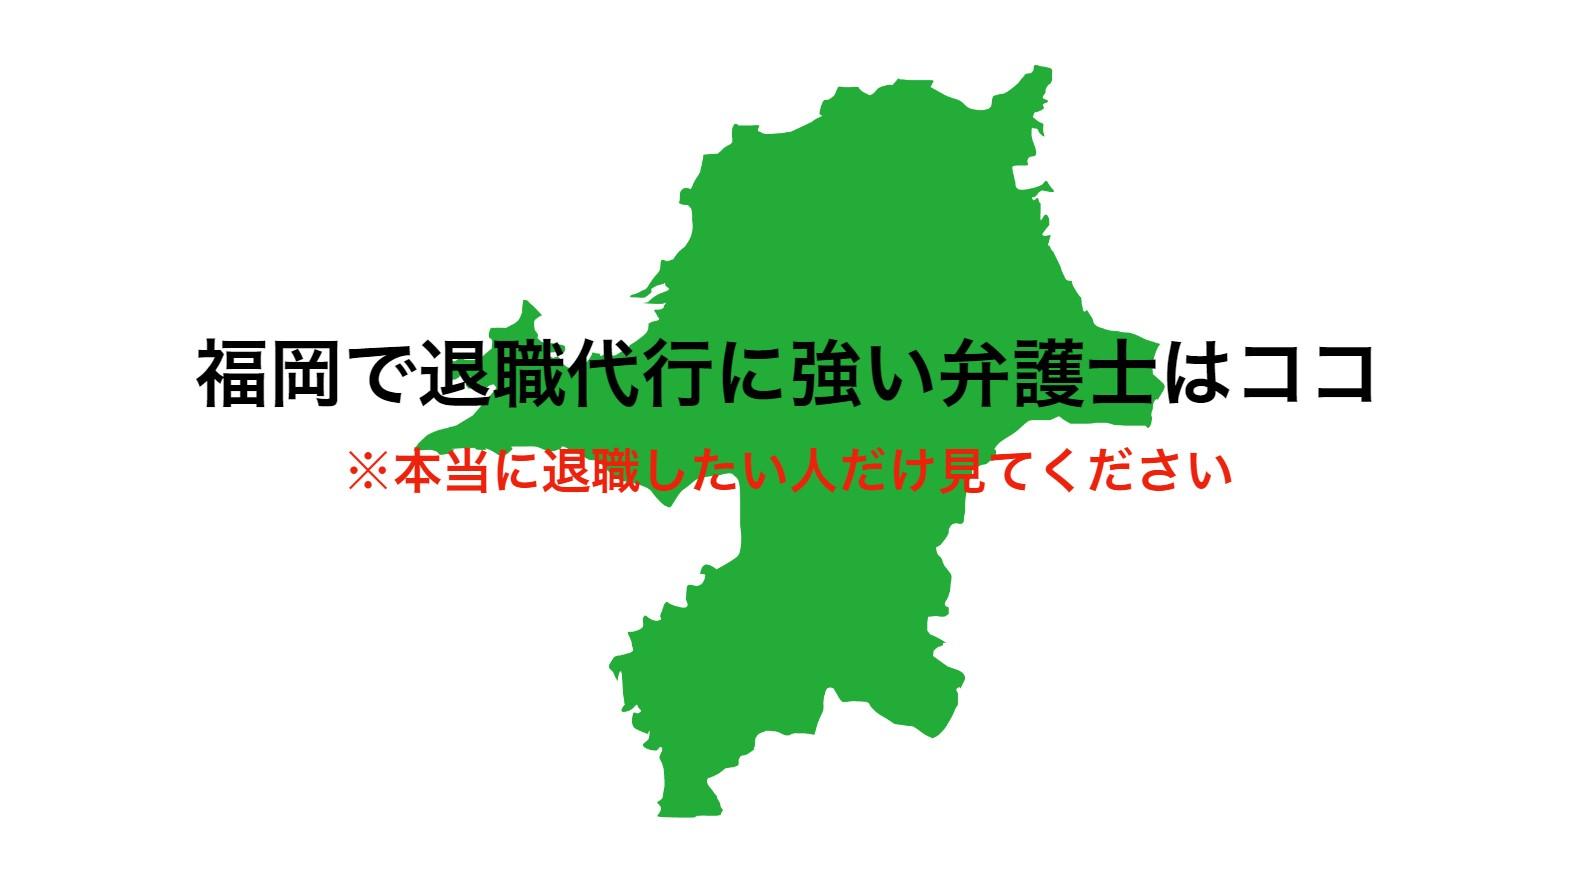 福岡 退職代行サービス